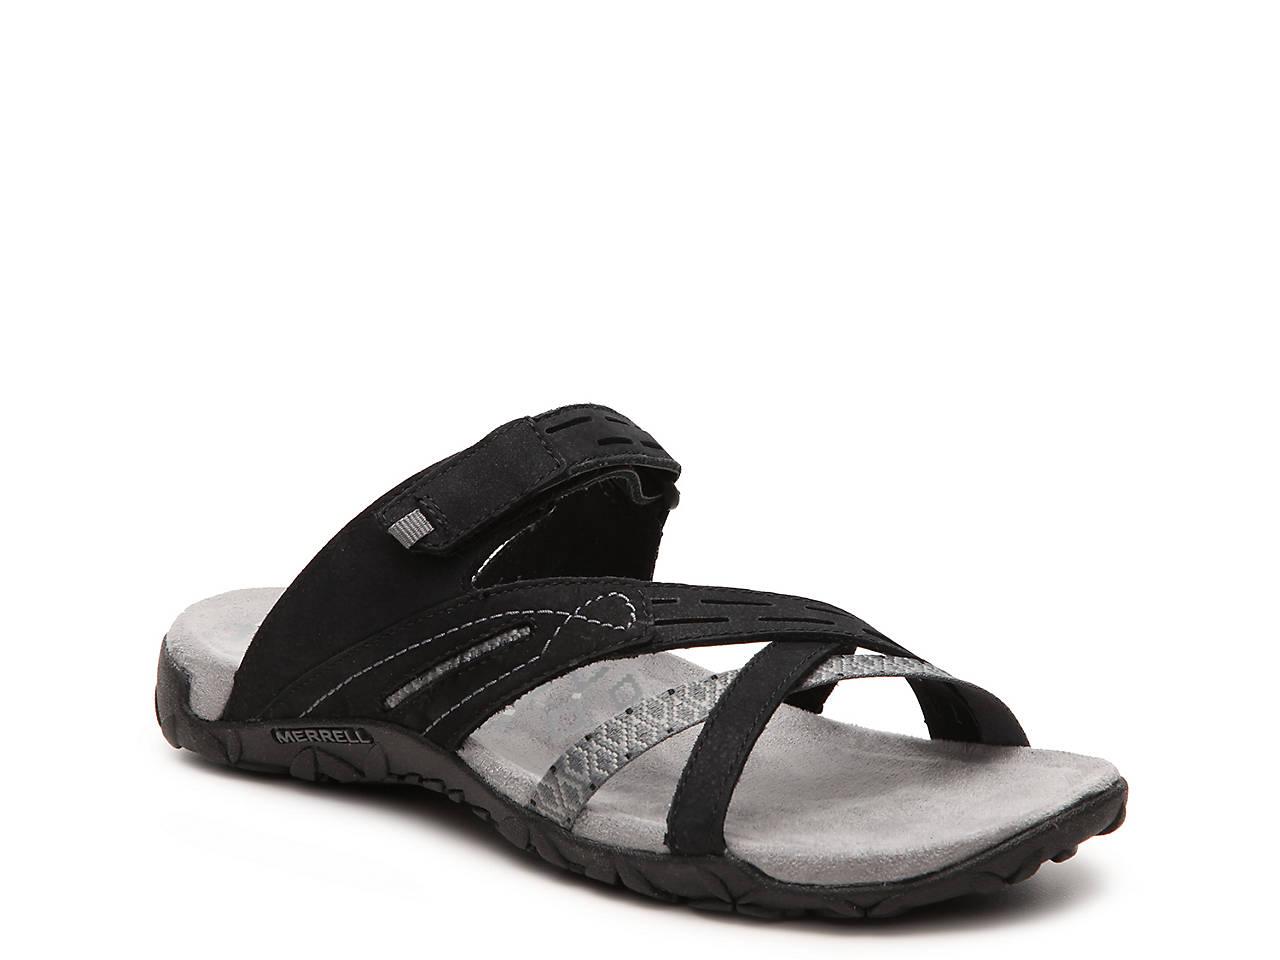 6a1b5386b Merrell Terran Weave II Sport Sandal Women s Shoes